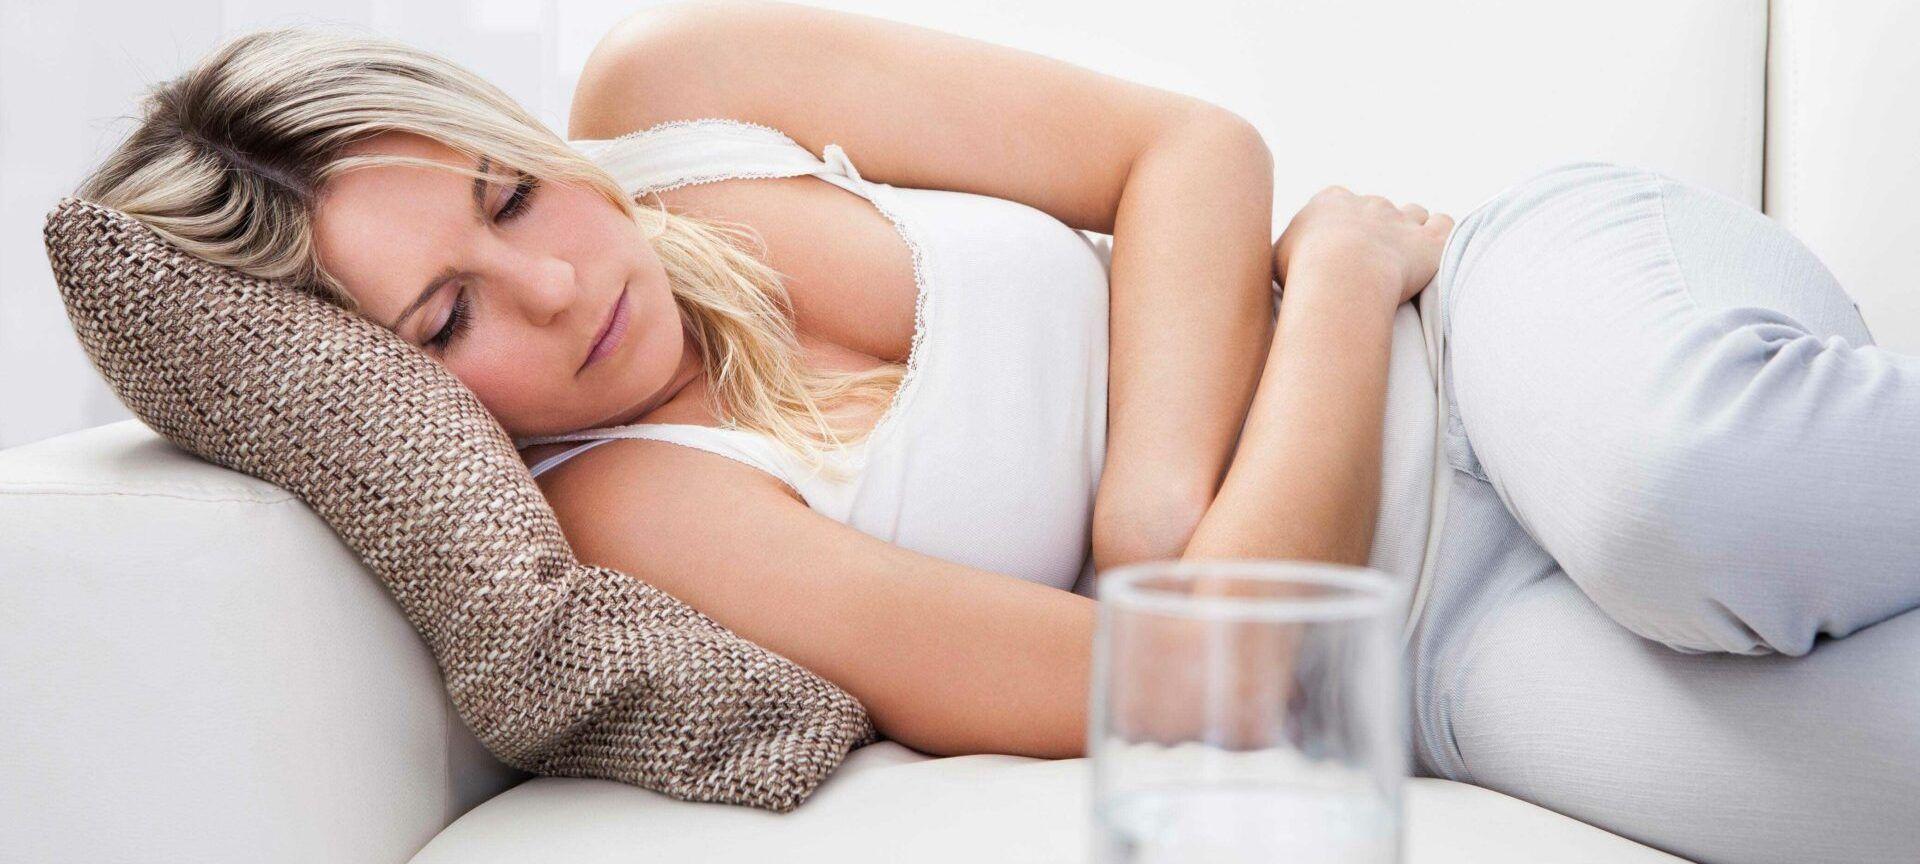 Женские заболевания: причины, симптомы, виды